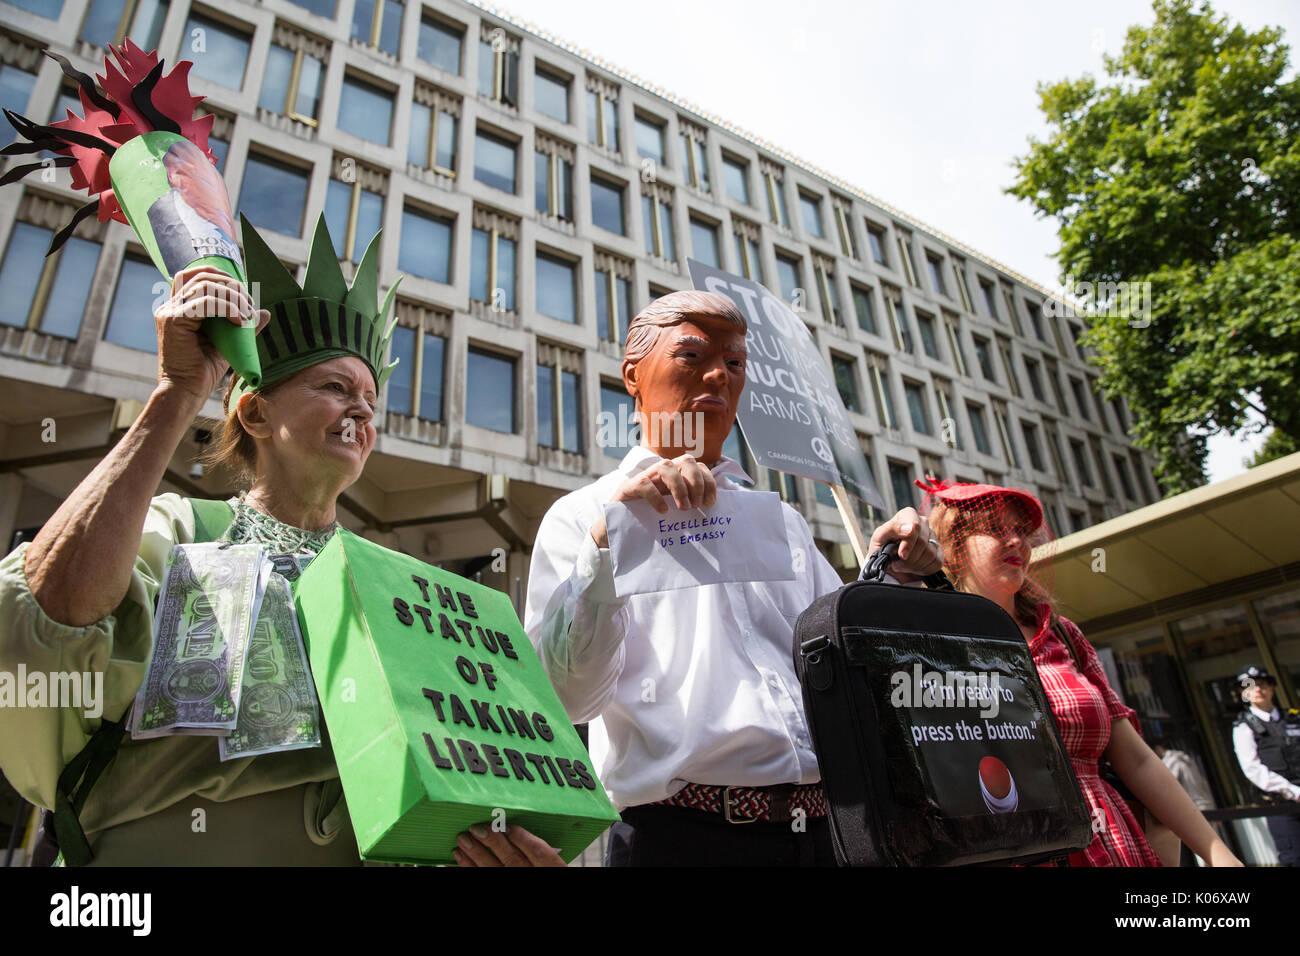 Londres, Royaume-Uni. 11 août, 2017. Des militants de la Coalition contre la guerre et la campagne pour le Désarmement Nucléaire (CND), l'un d'eux dissimulés le Donald Tr Photo Stock